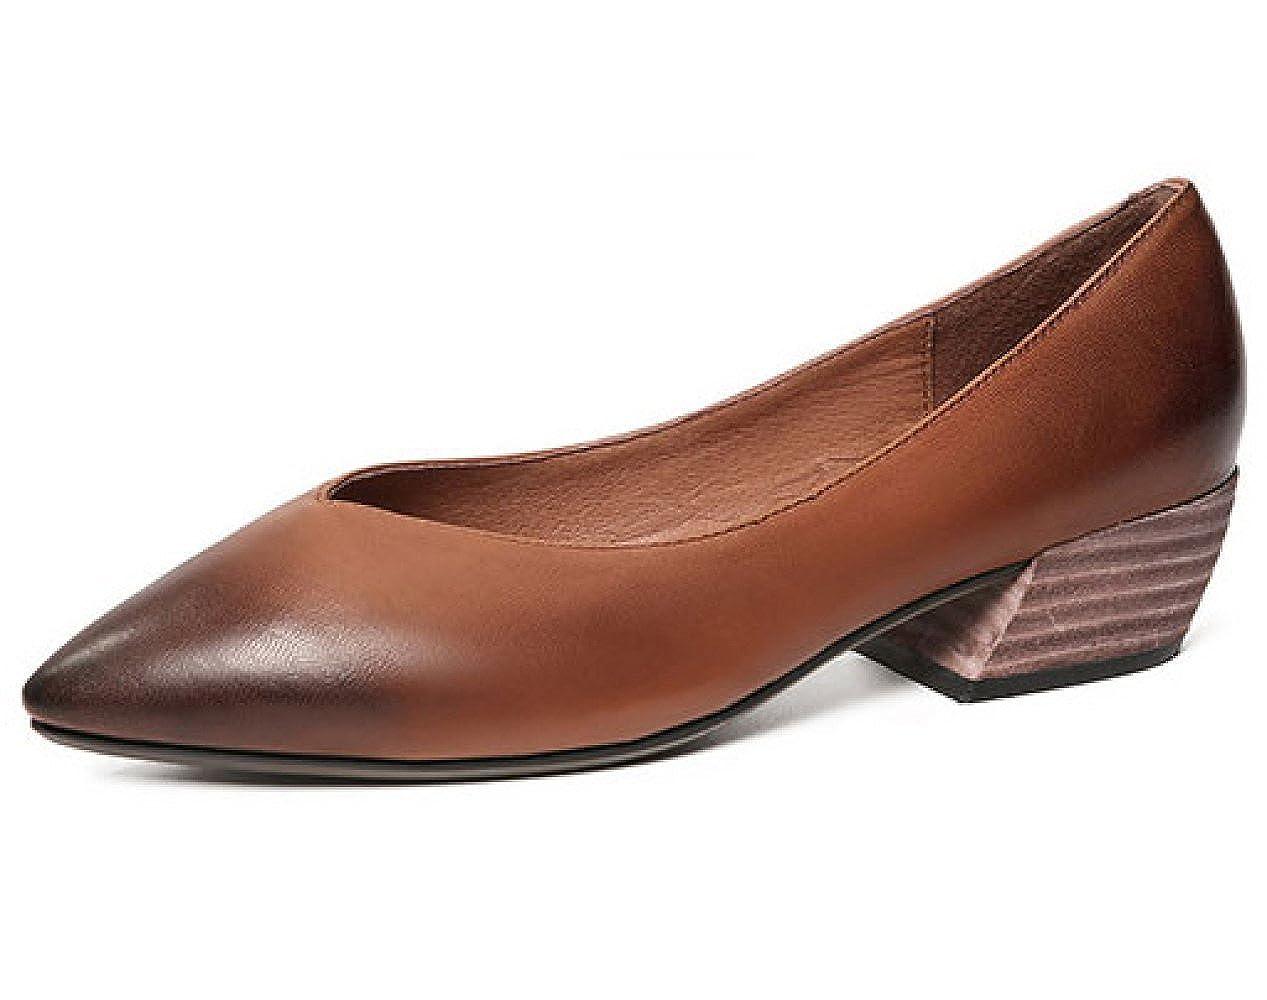 Damen Retro-V-Ausschnitt Casual Sandalen, Grobe Ferse, Leder, Leder, Alle Arten von Passenden, Flacher Mund, Kein Spann Braun